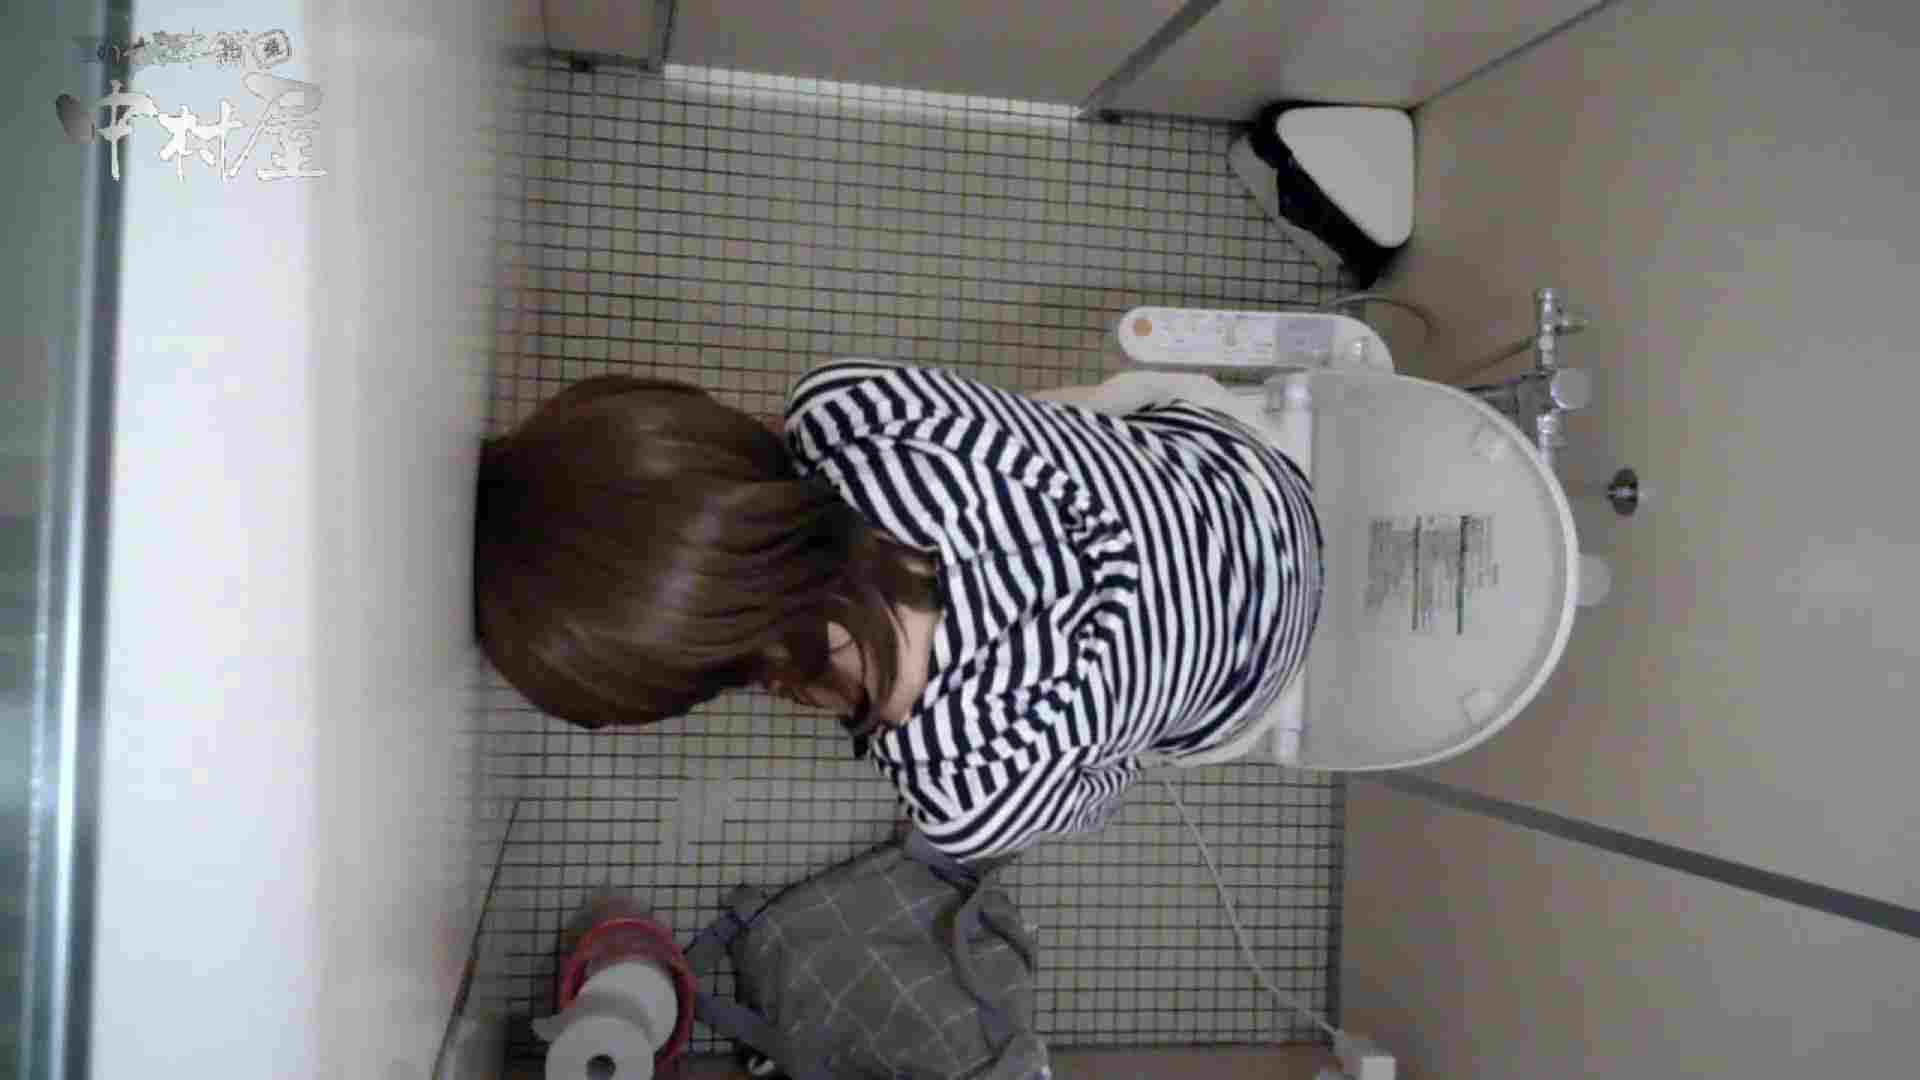 有名大学女性洗面所 Vol.52 ストッキングの最後の「くいっ!」がたまりません 投稿 AV無料動画キャプチャ 83pic 19